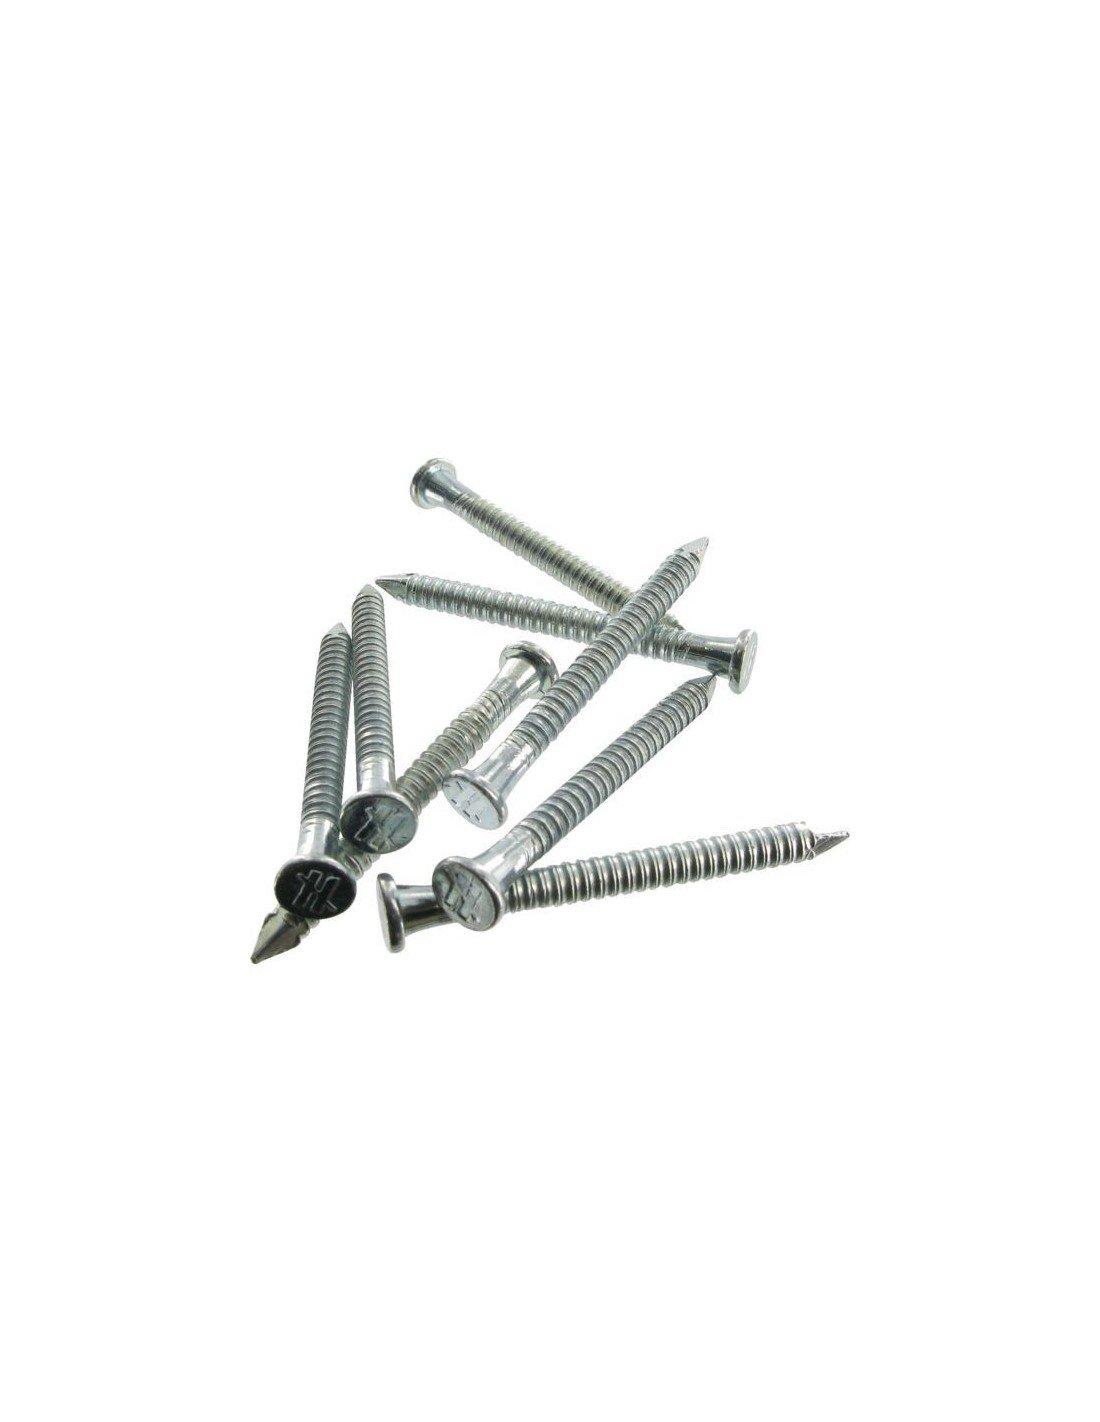 Simpson CNA4 0X100 Ankern/ägel Durchmesser 4 mm 250 St/ück, L/änge 100 mm